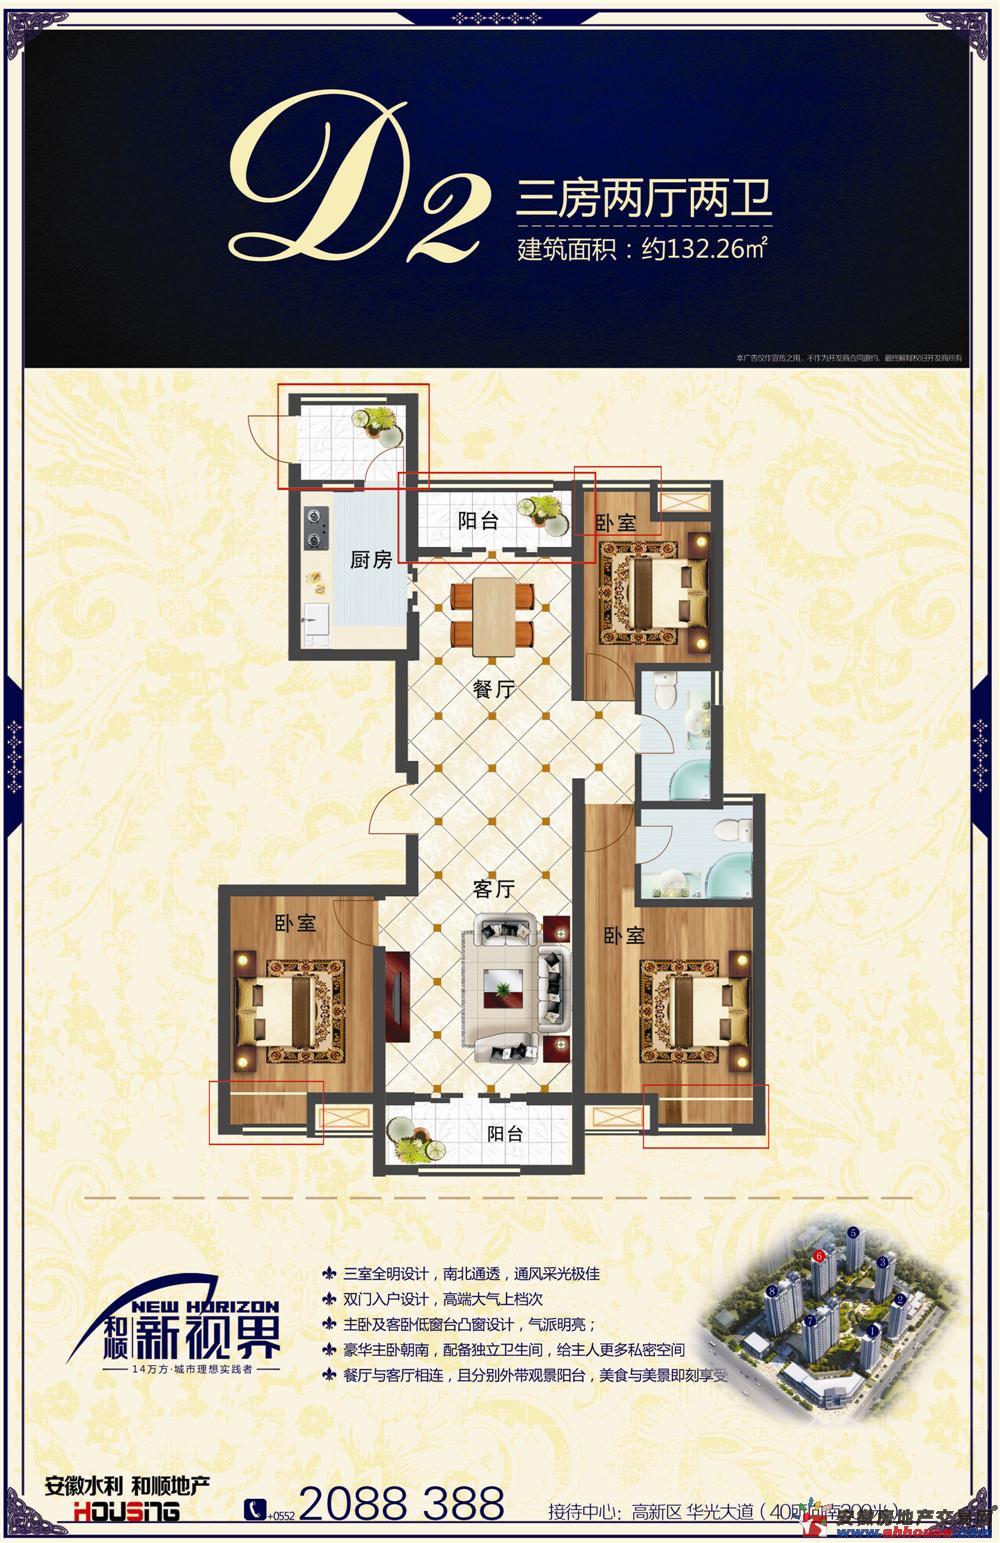 和顺新视界_3室2厅2卫厨